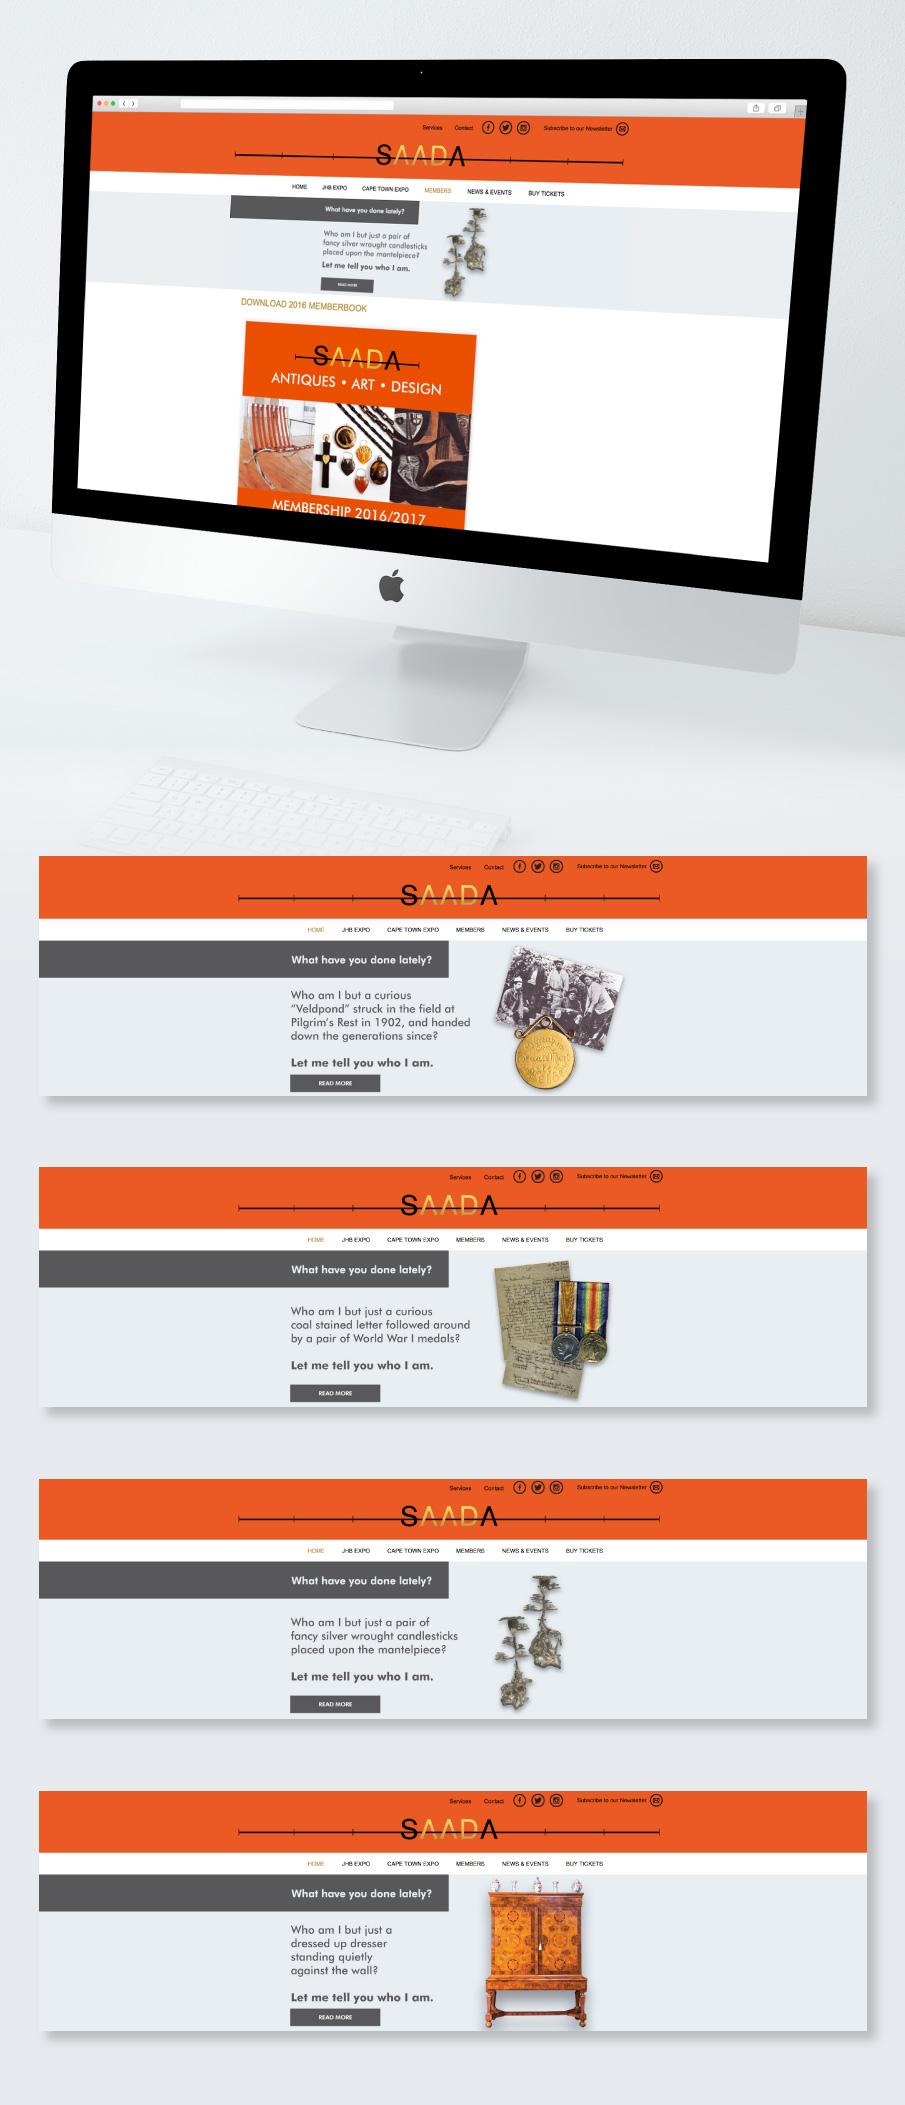 SAADA-Website-Preview-Desktop